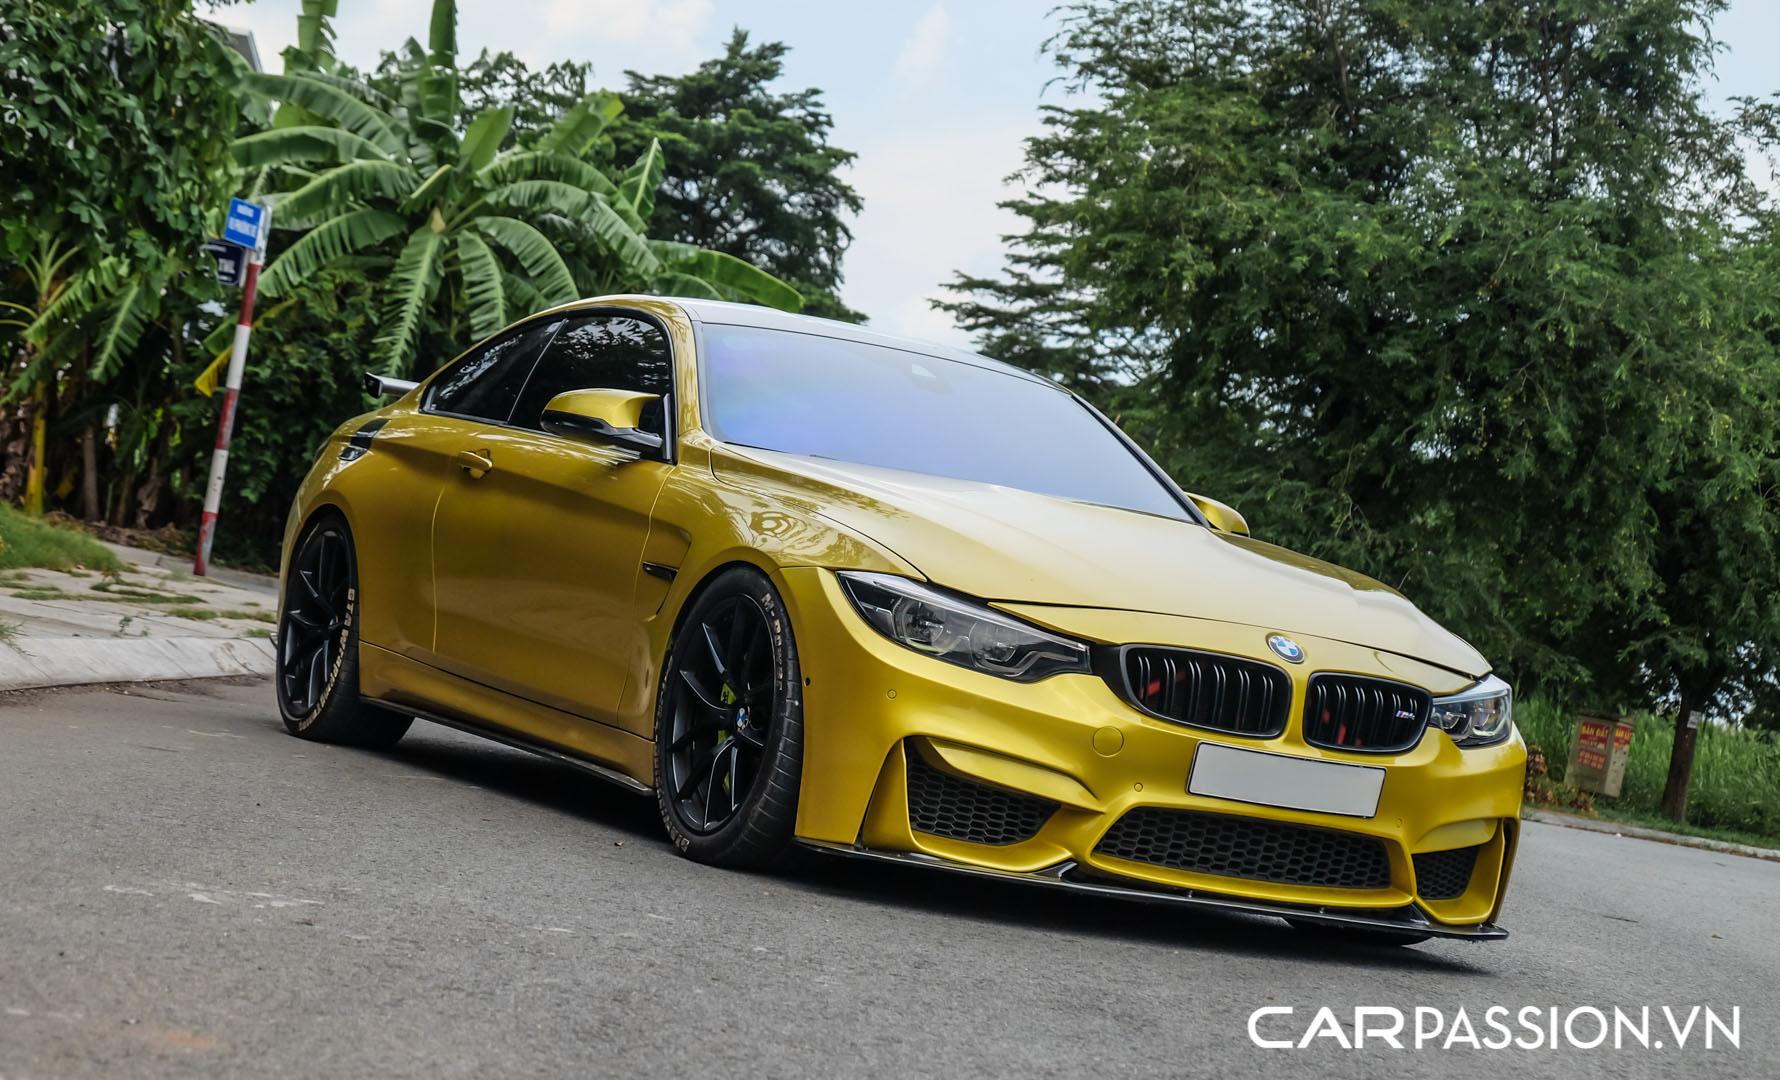 CP-BMW M4 F8 được rao bán (12).jpg